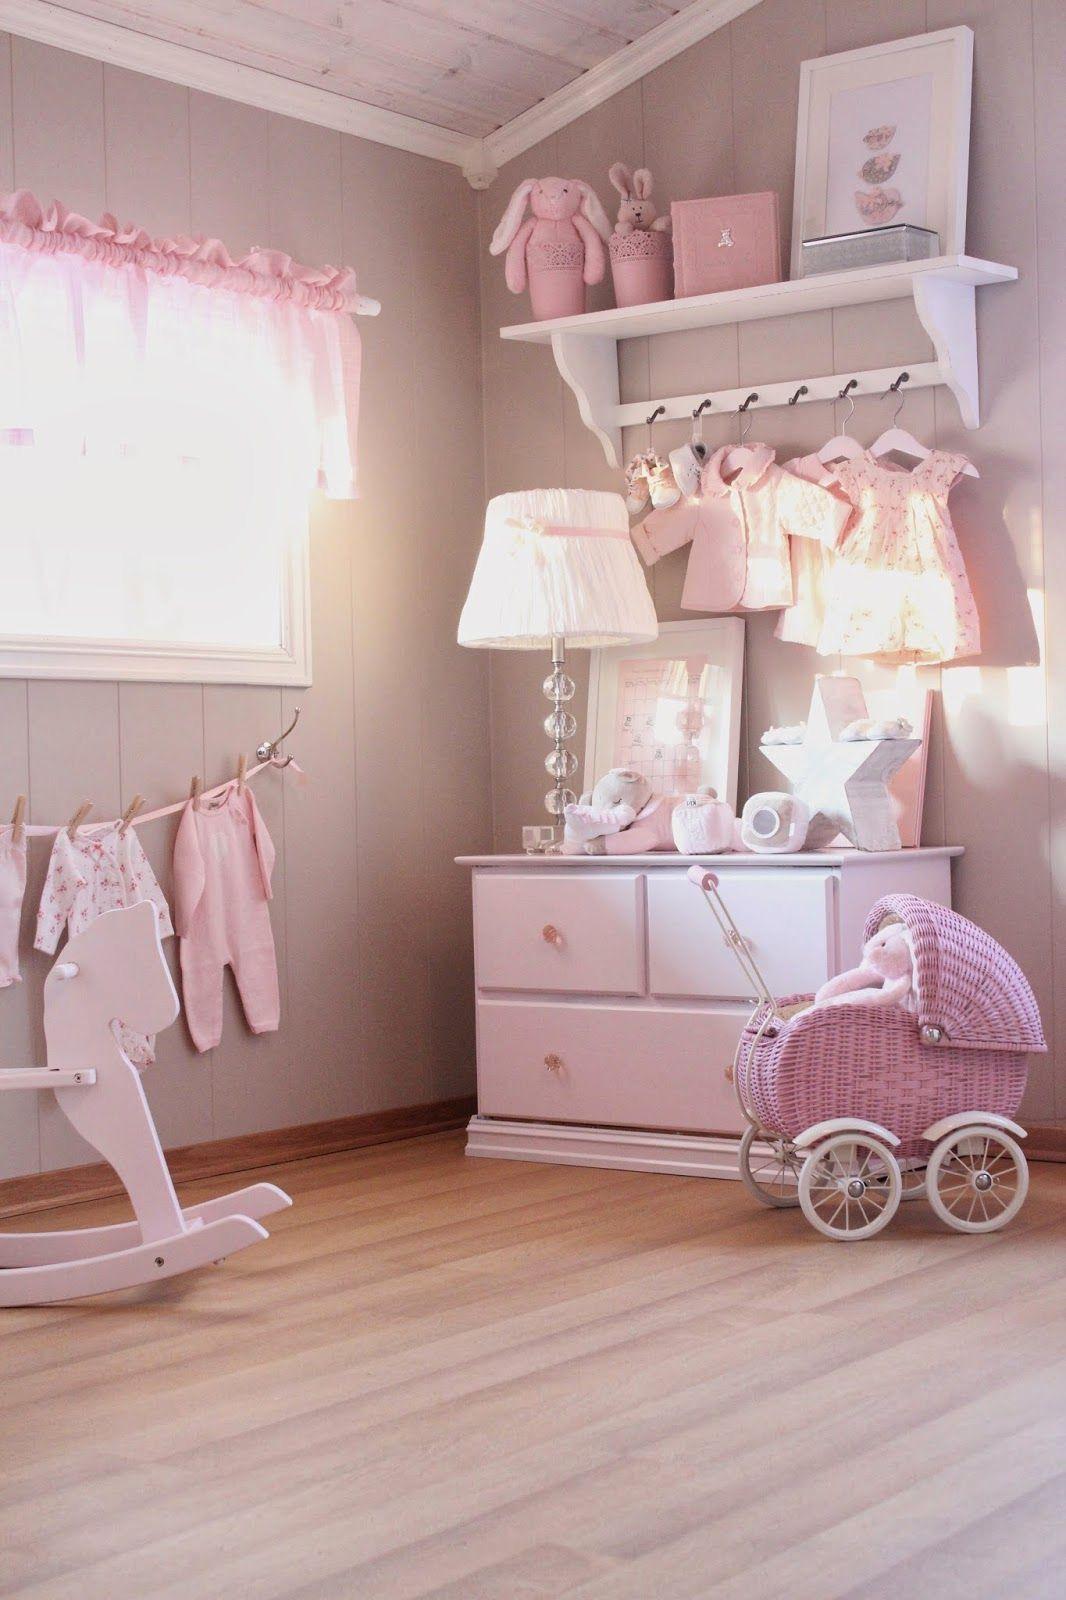 Une Chambre Bébé Fille Taupe Et Rose Avec Parquet Pour Un Coin